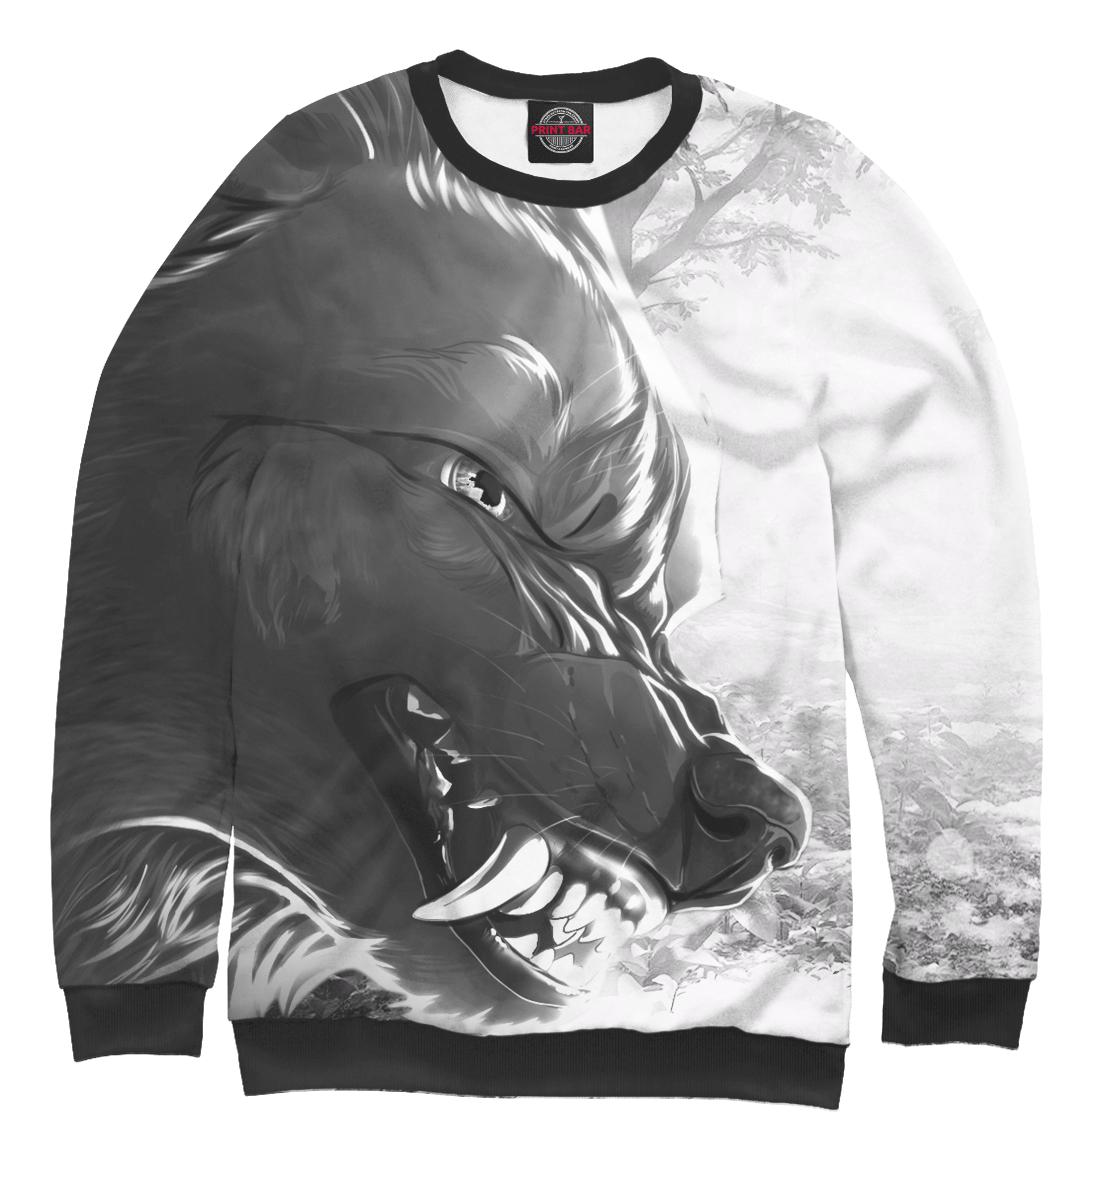 Купить Серый волк, Printbar, Свитшоты, VLF-139532-swi-1